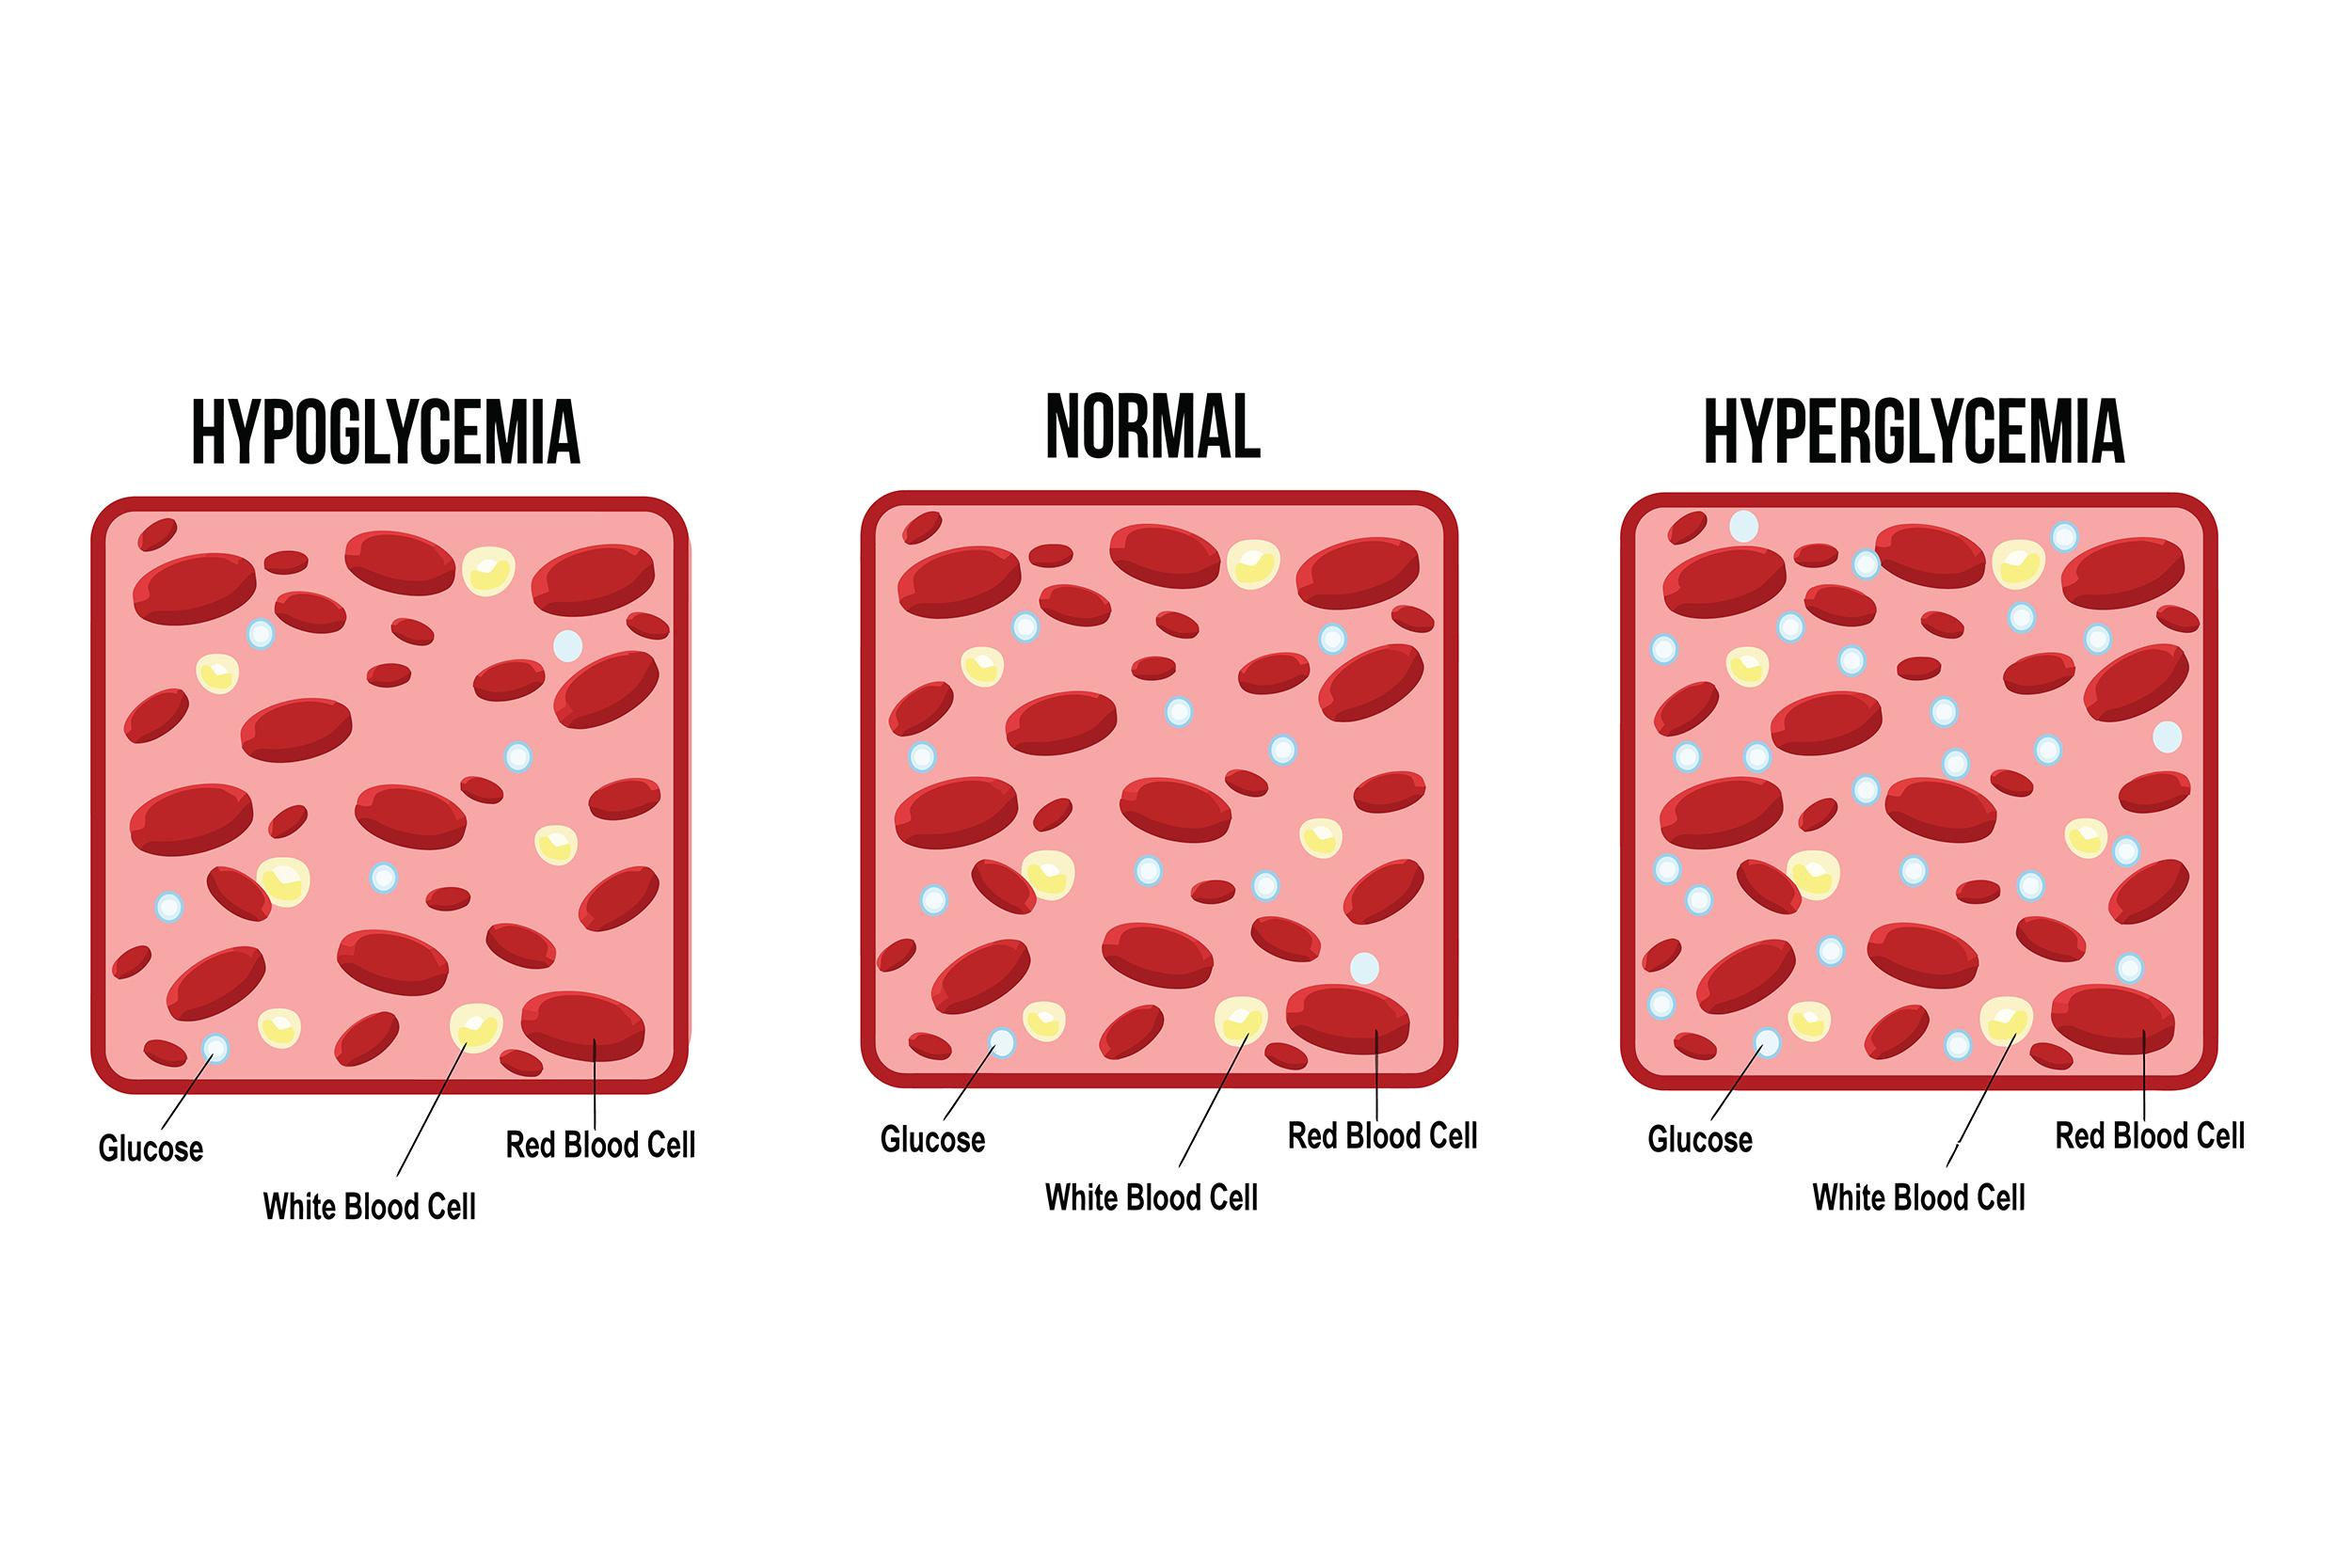 Hyperglycemia vs hypoglycemia